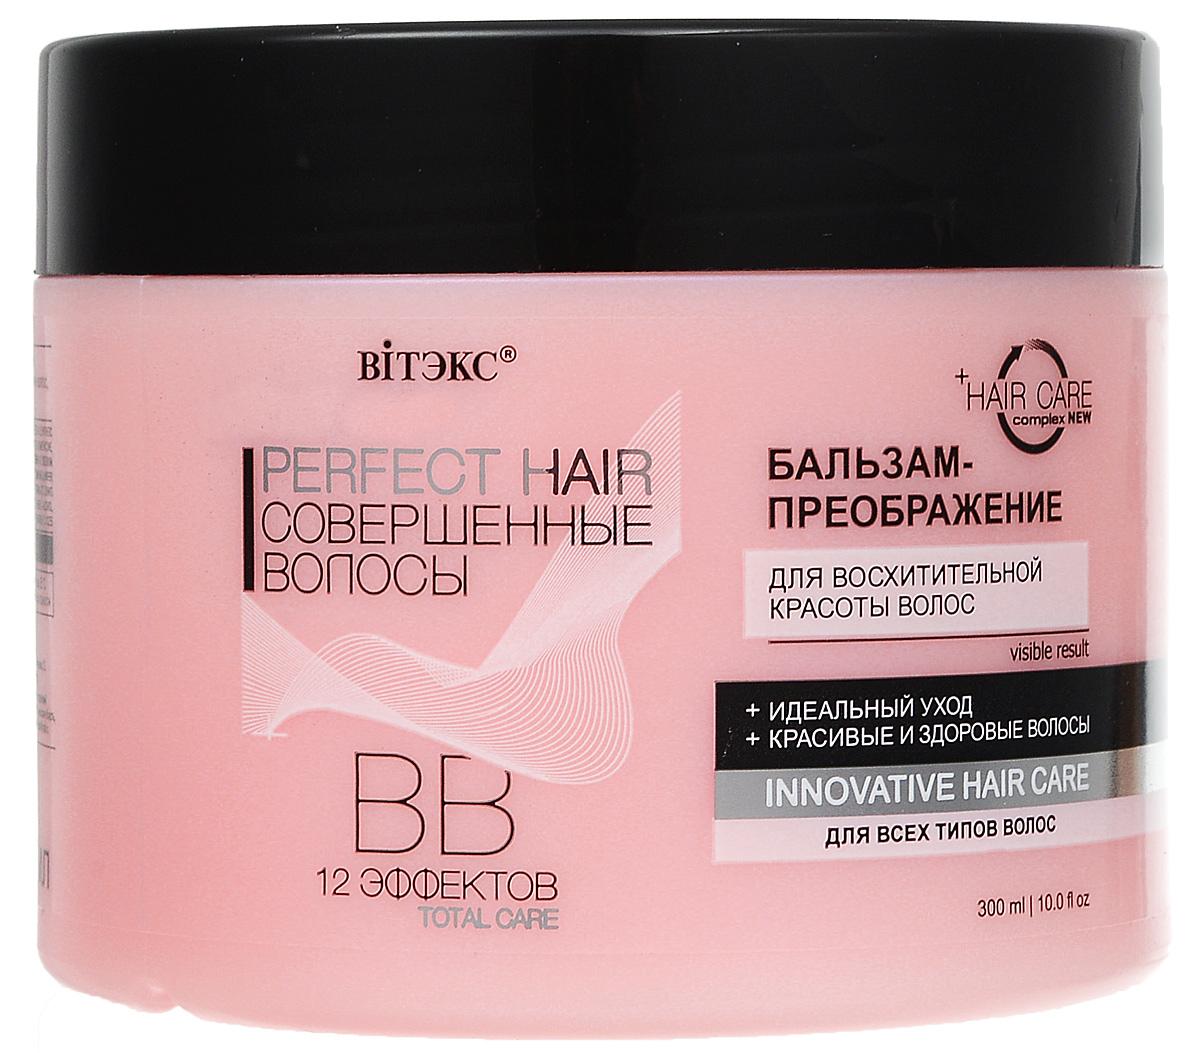 Витэкс Perfect Hair Совершенные волосы ВВ Бальзам преображение для восхитительной красоты волос, 300 млВ-1165Линия: Совершенные волосыBB бальзам-преображение многофункционального действия прекрасно дополняет действие шампуня и совершенствует волосы. Благодаря комплексу специальных активных компонентов, позволяет получить 12 эффектов:Моментальное выравнивание структуры волосУкрепление корнейСтимулирование роста волосУвлажнение и питание волос и кожи головыВосстановление поврежденных волосЗащита от ломкости и секущихся кончиковУвеличение естественного объема и блескаУстранение эффекта «непослушных» волосАнтиоксидантная защитаПовышение эластичности и прочности Придание волосам мягкости и гладкостиУлучшение расчесыванияПодходит для всех типов волос.Для достижения наилучшего эффекта рекомендуется использовать «ВВ бальзам-преображение» после применения шампуня линии. Уважаемые клиенты! Обращаем ваше внимание на то, что упаковка может иметь несколько видов дизайна. Поставка осуществляется в зависимости от наличия на складе.